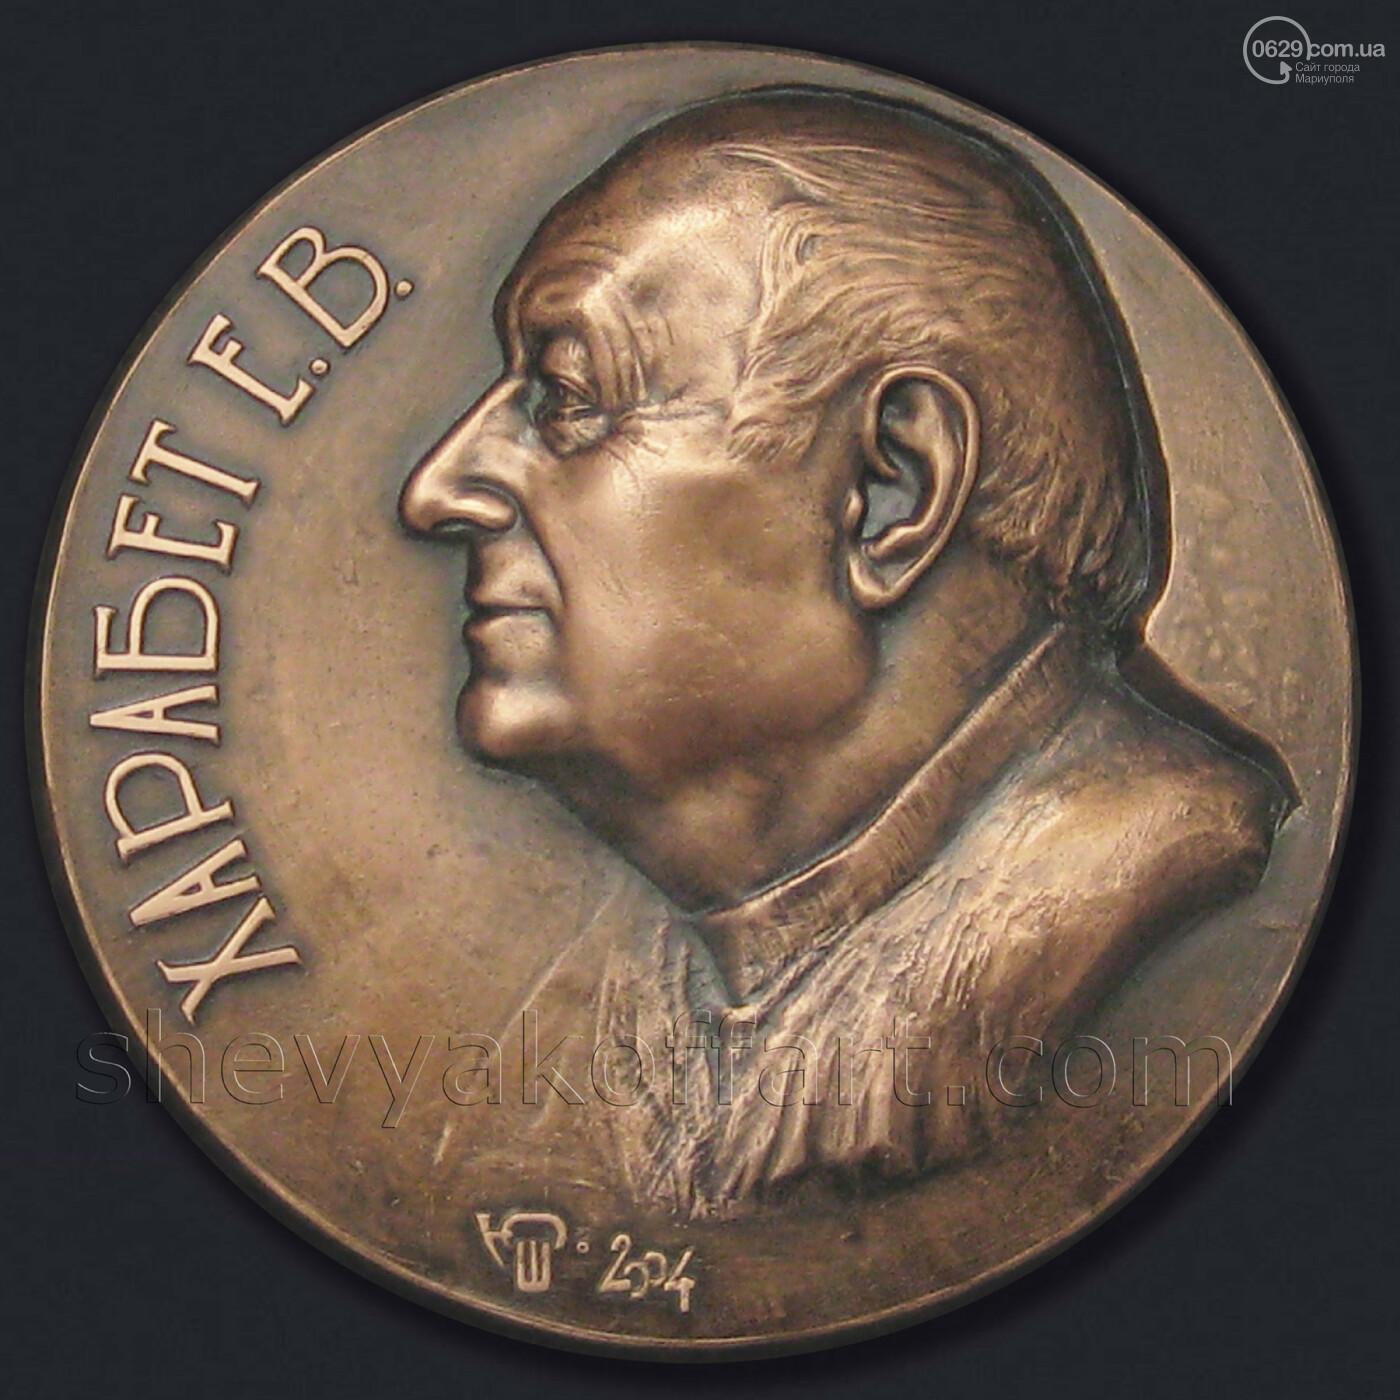 Философия в металле. Известный медальер подарил Мариуполю уникальные плакеты, - ФОТО, фото-2